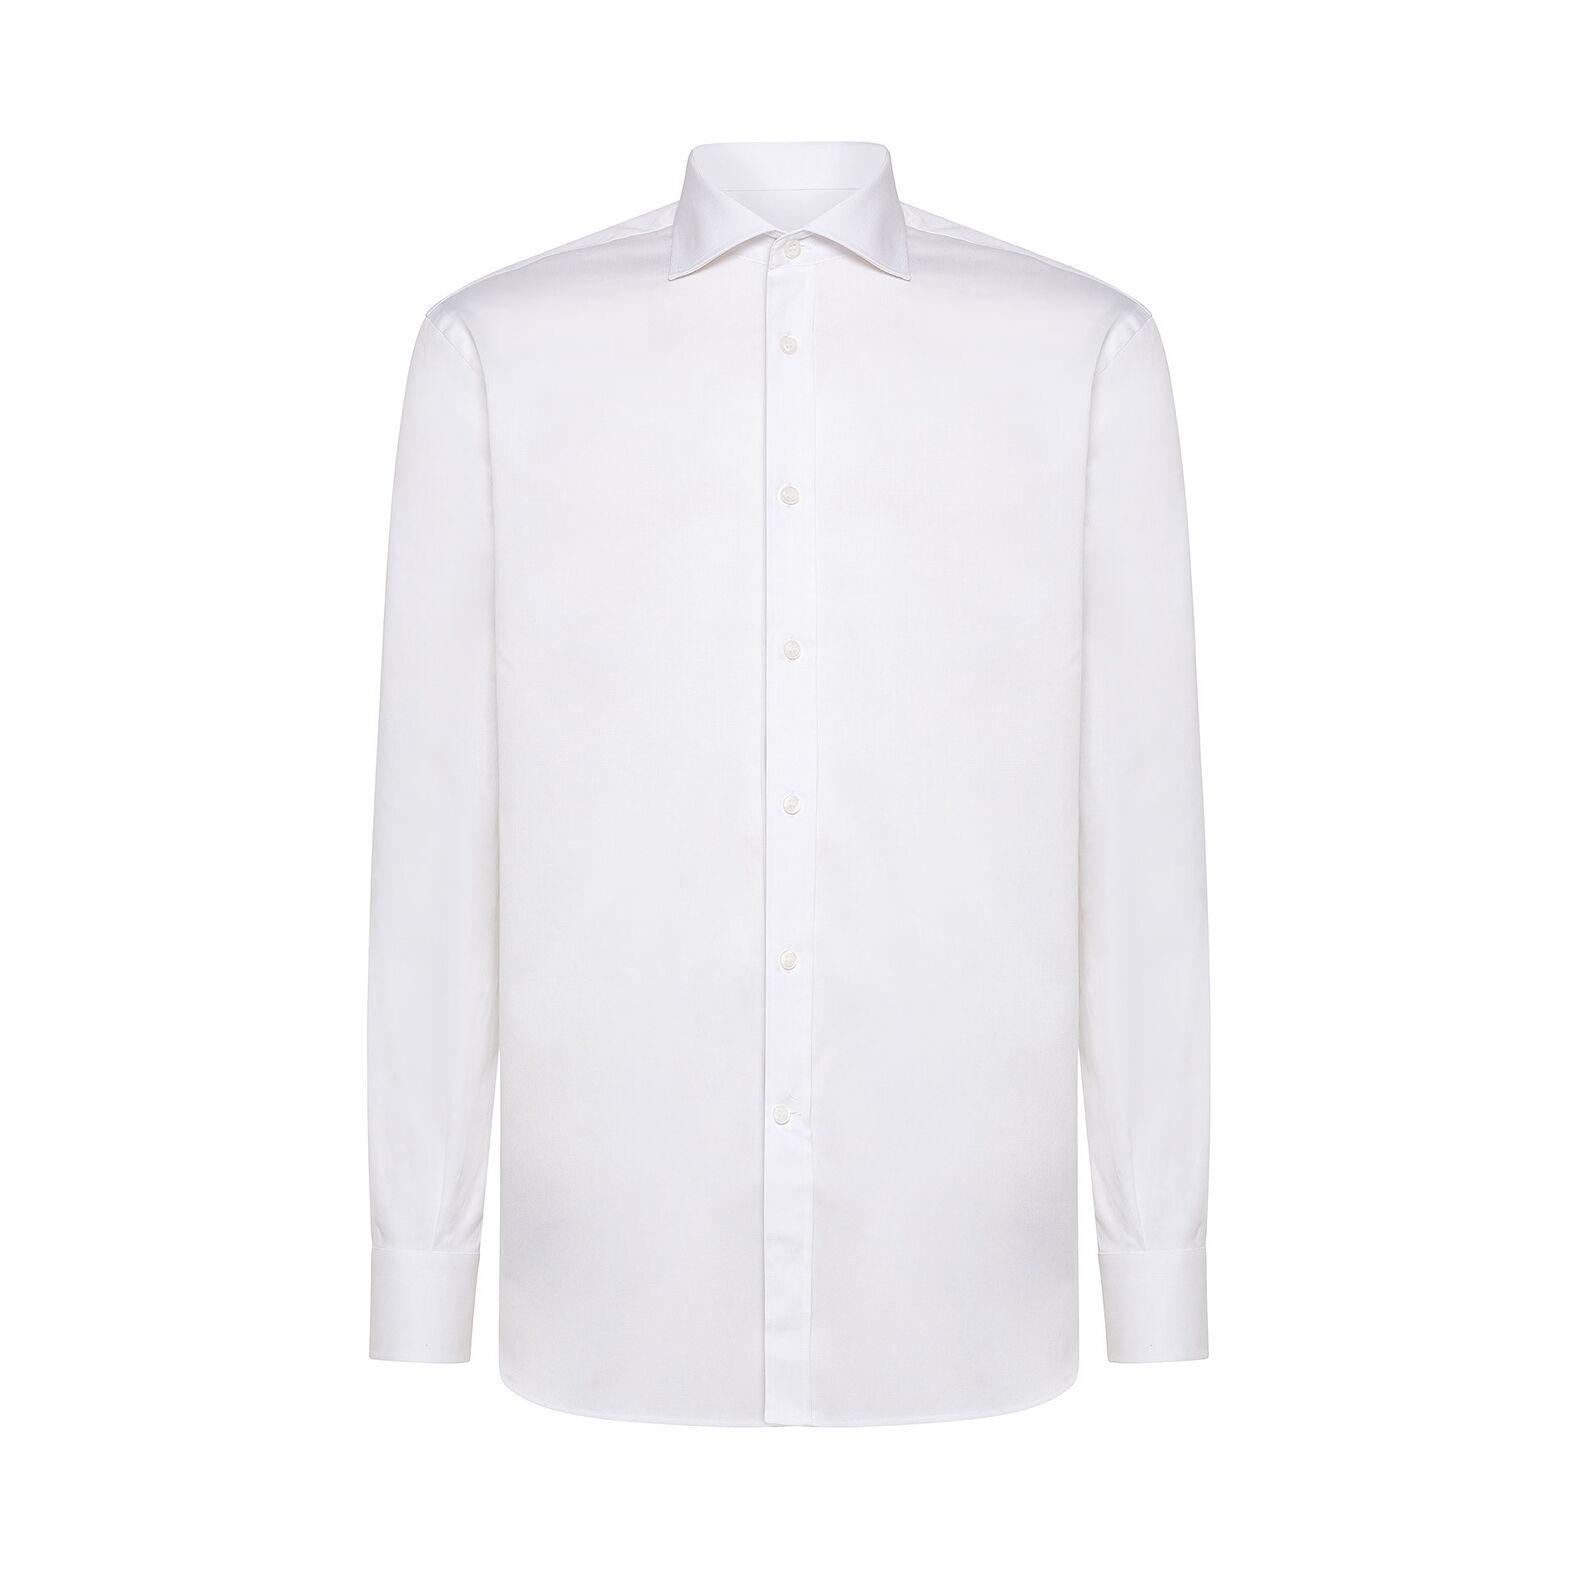 Camicia in cotone doppio ritorto